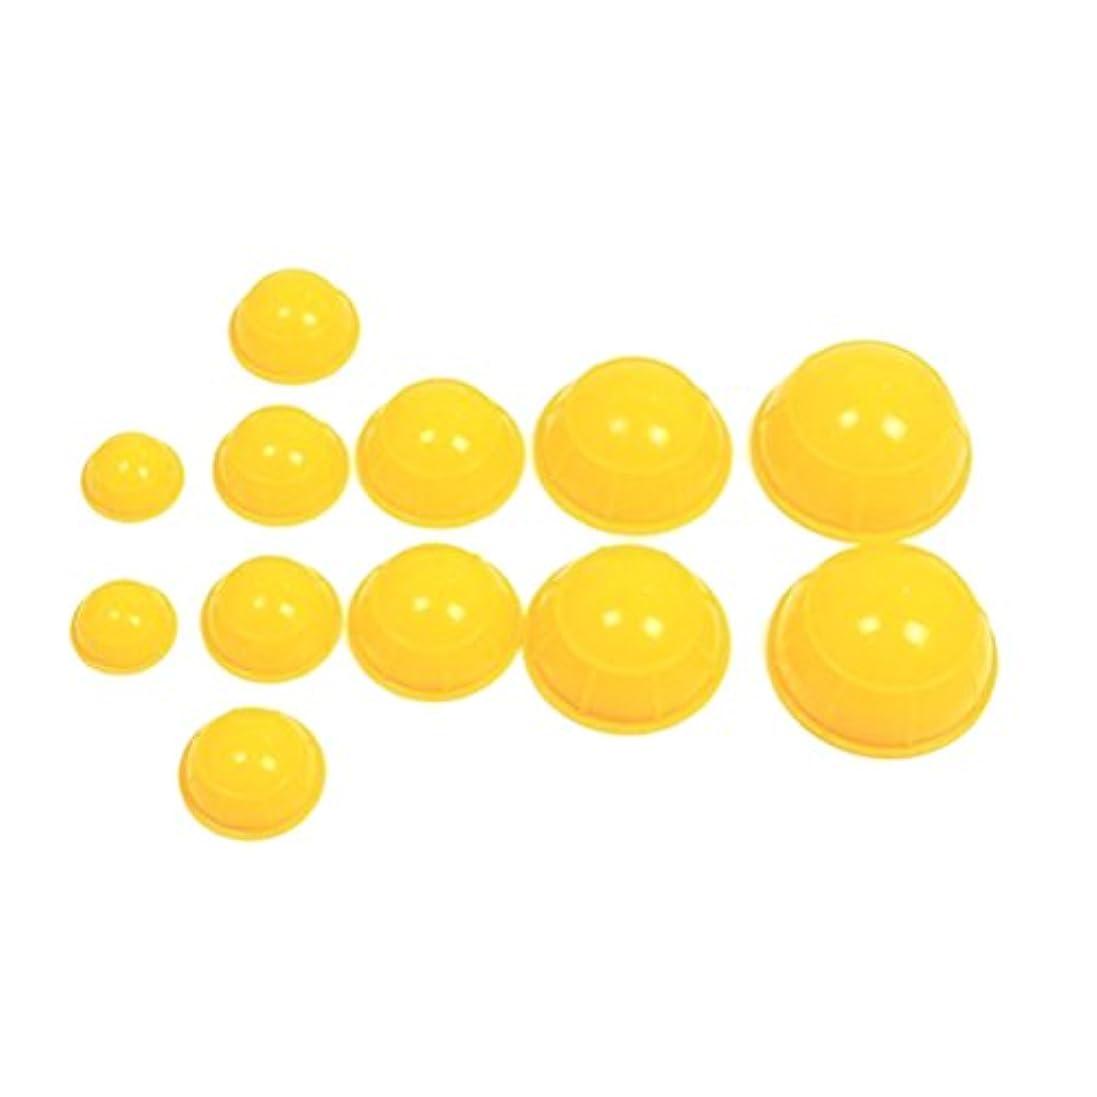 マッシュ酸化物かき混ぜるROSENICE シリコーンマッサージカッピングカップセットボディフェイシャルセラピーカッピングカップ12個(イエロー)